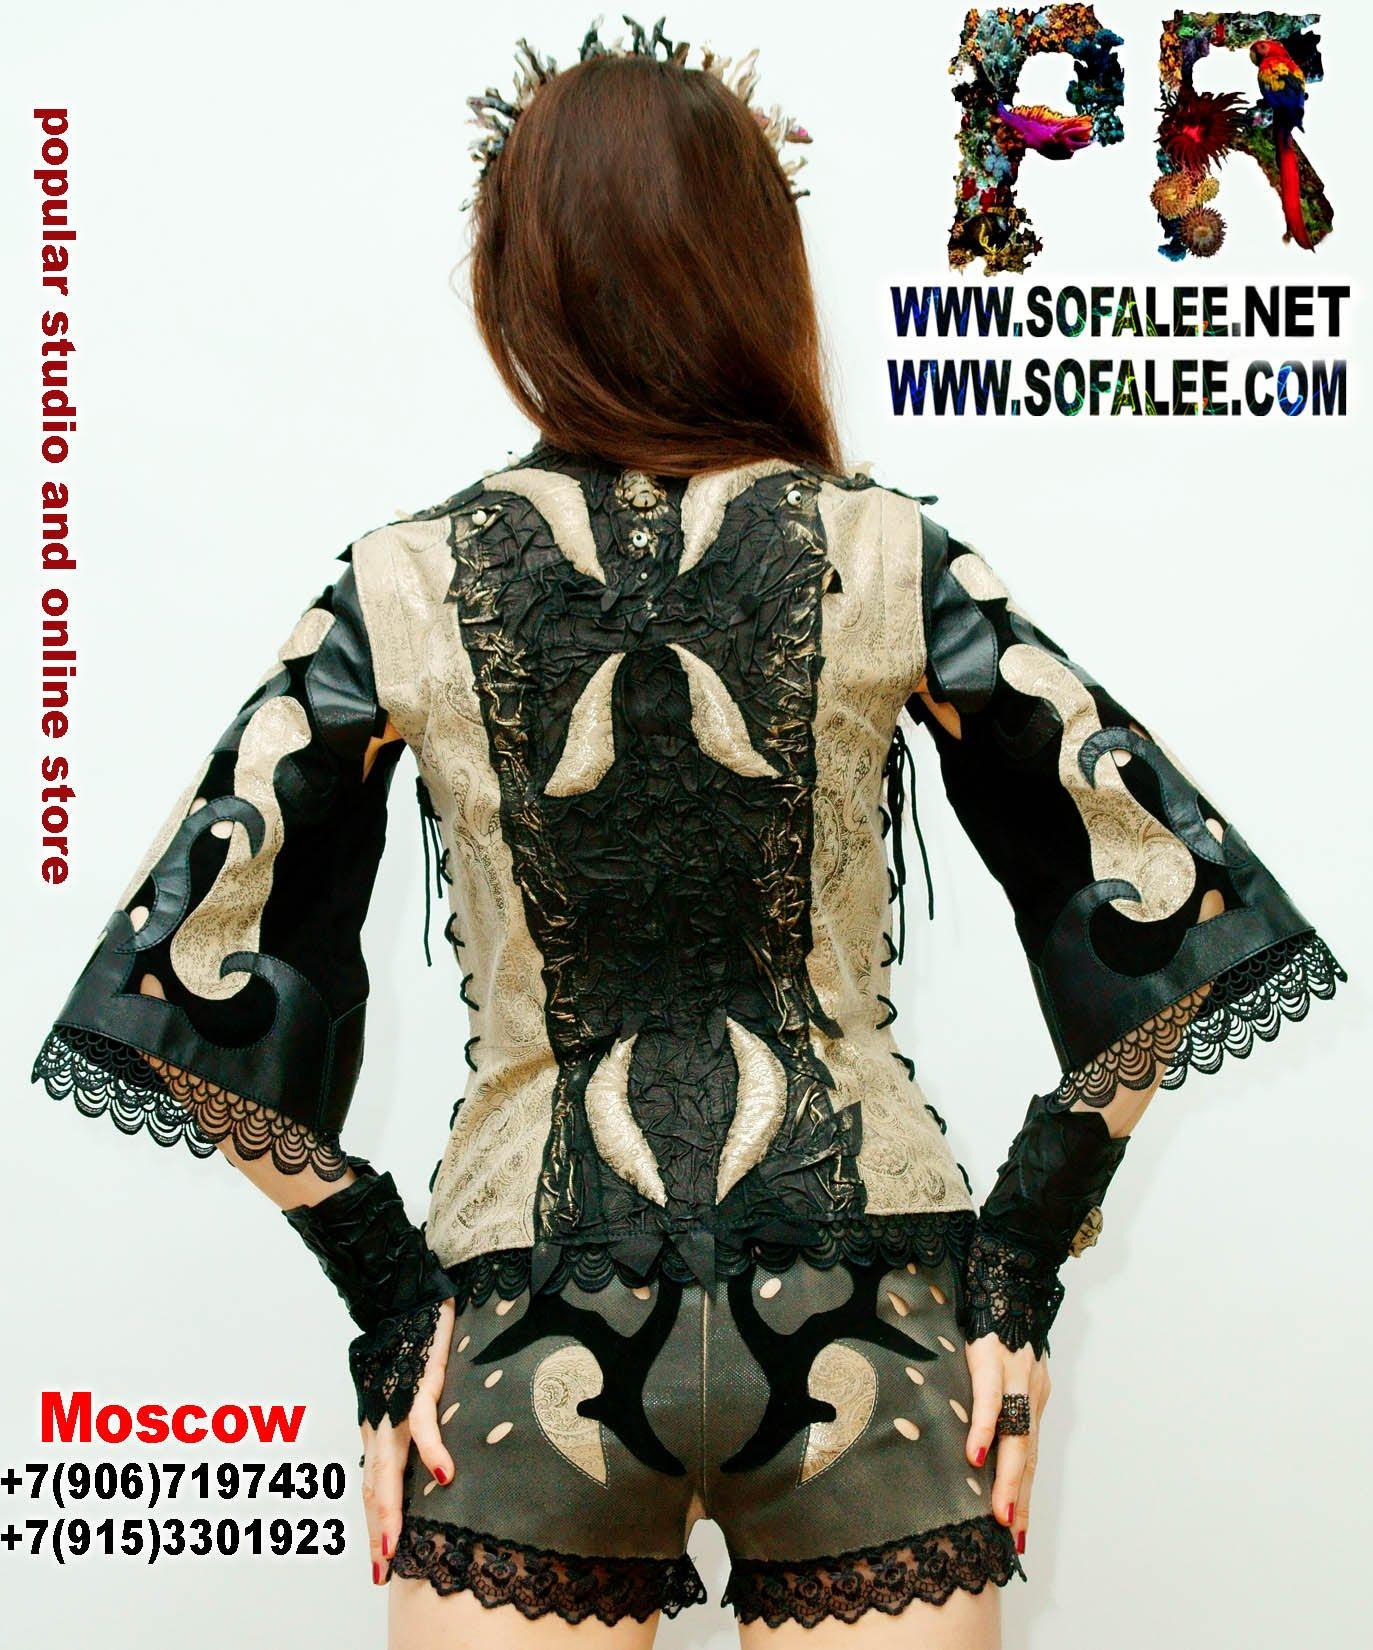 женская куртка жилетка кожаная 001